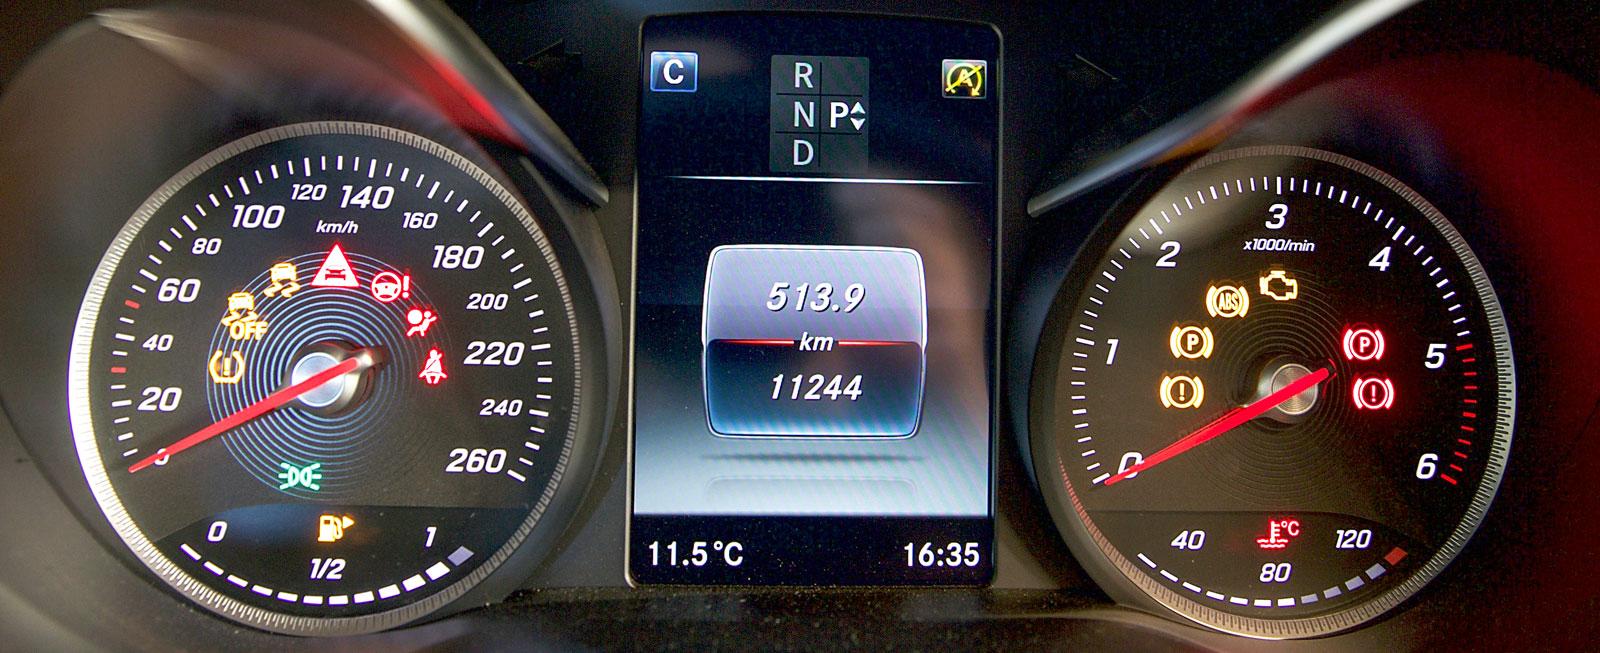 I Mercedes råder omvänd ordning mellan hastighets- och varvräknare jämfört med Audi. Mätarna sitter i djupa holkar, mellan dem en färddator med sällsynt skarp grafik.